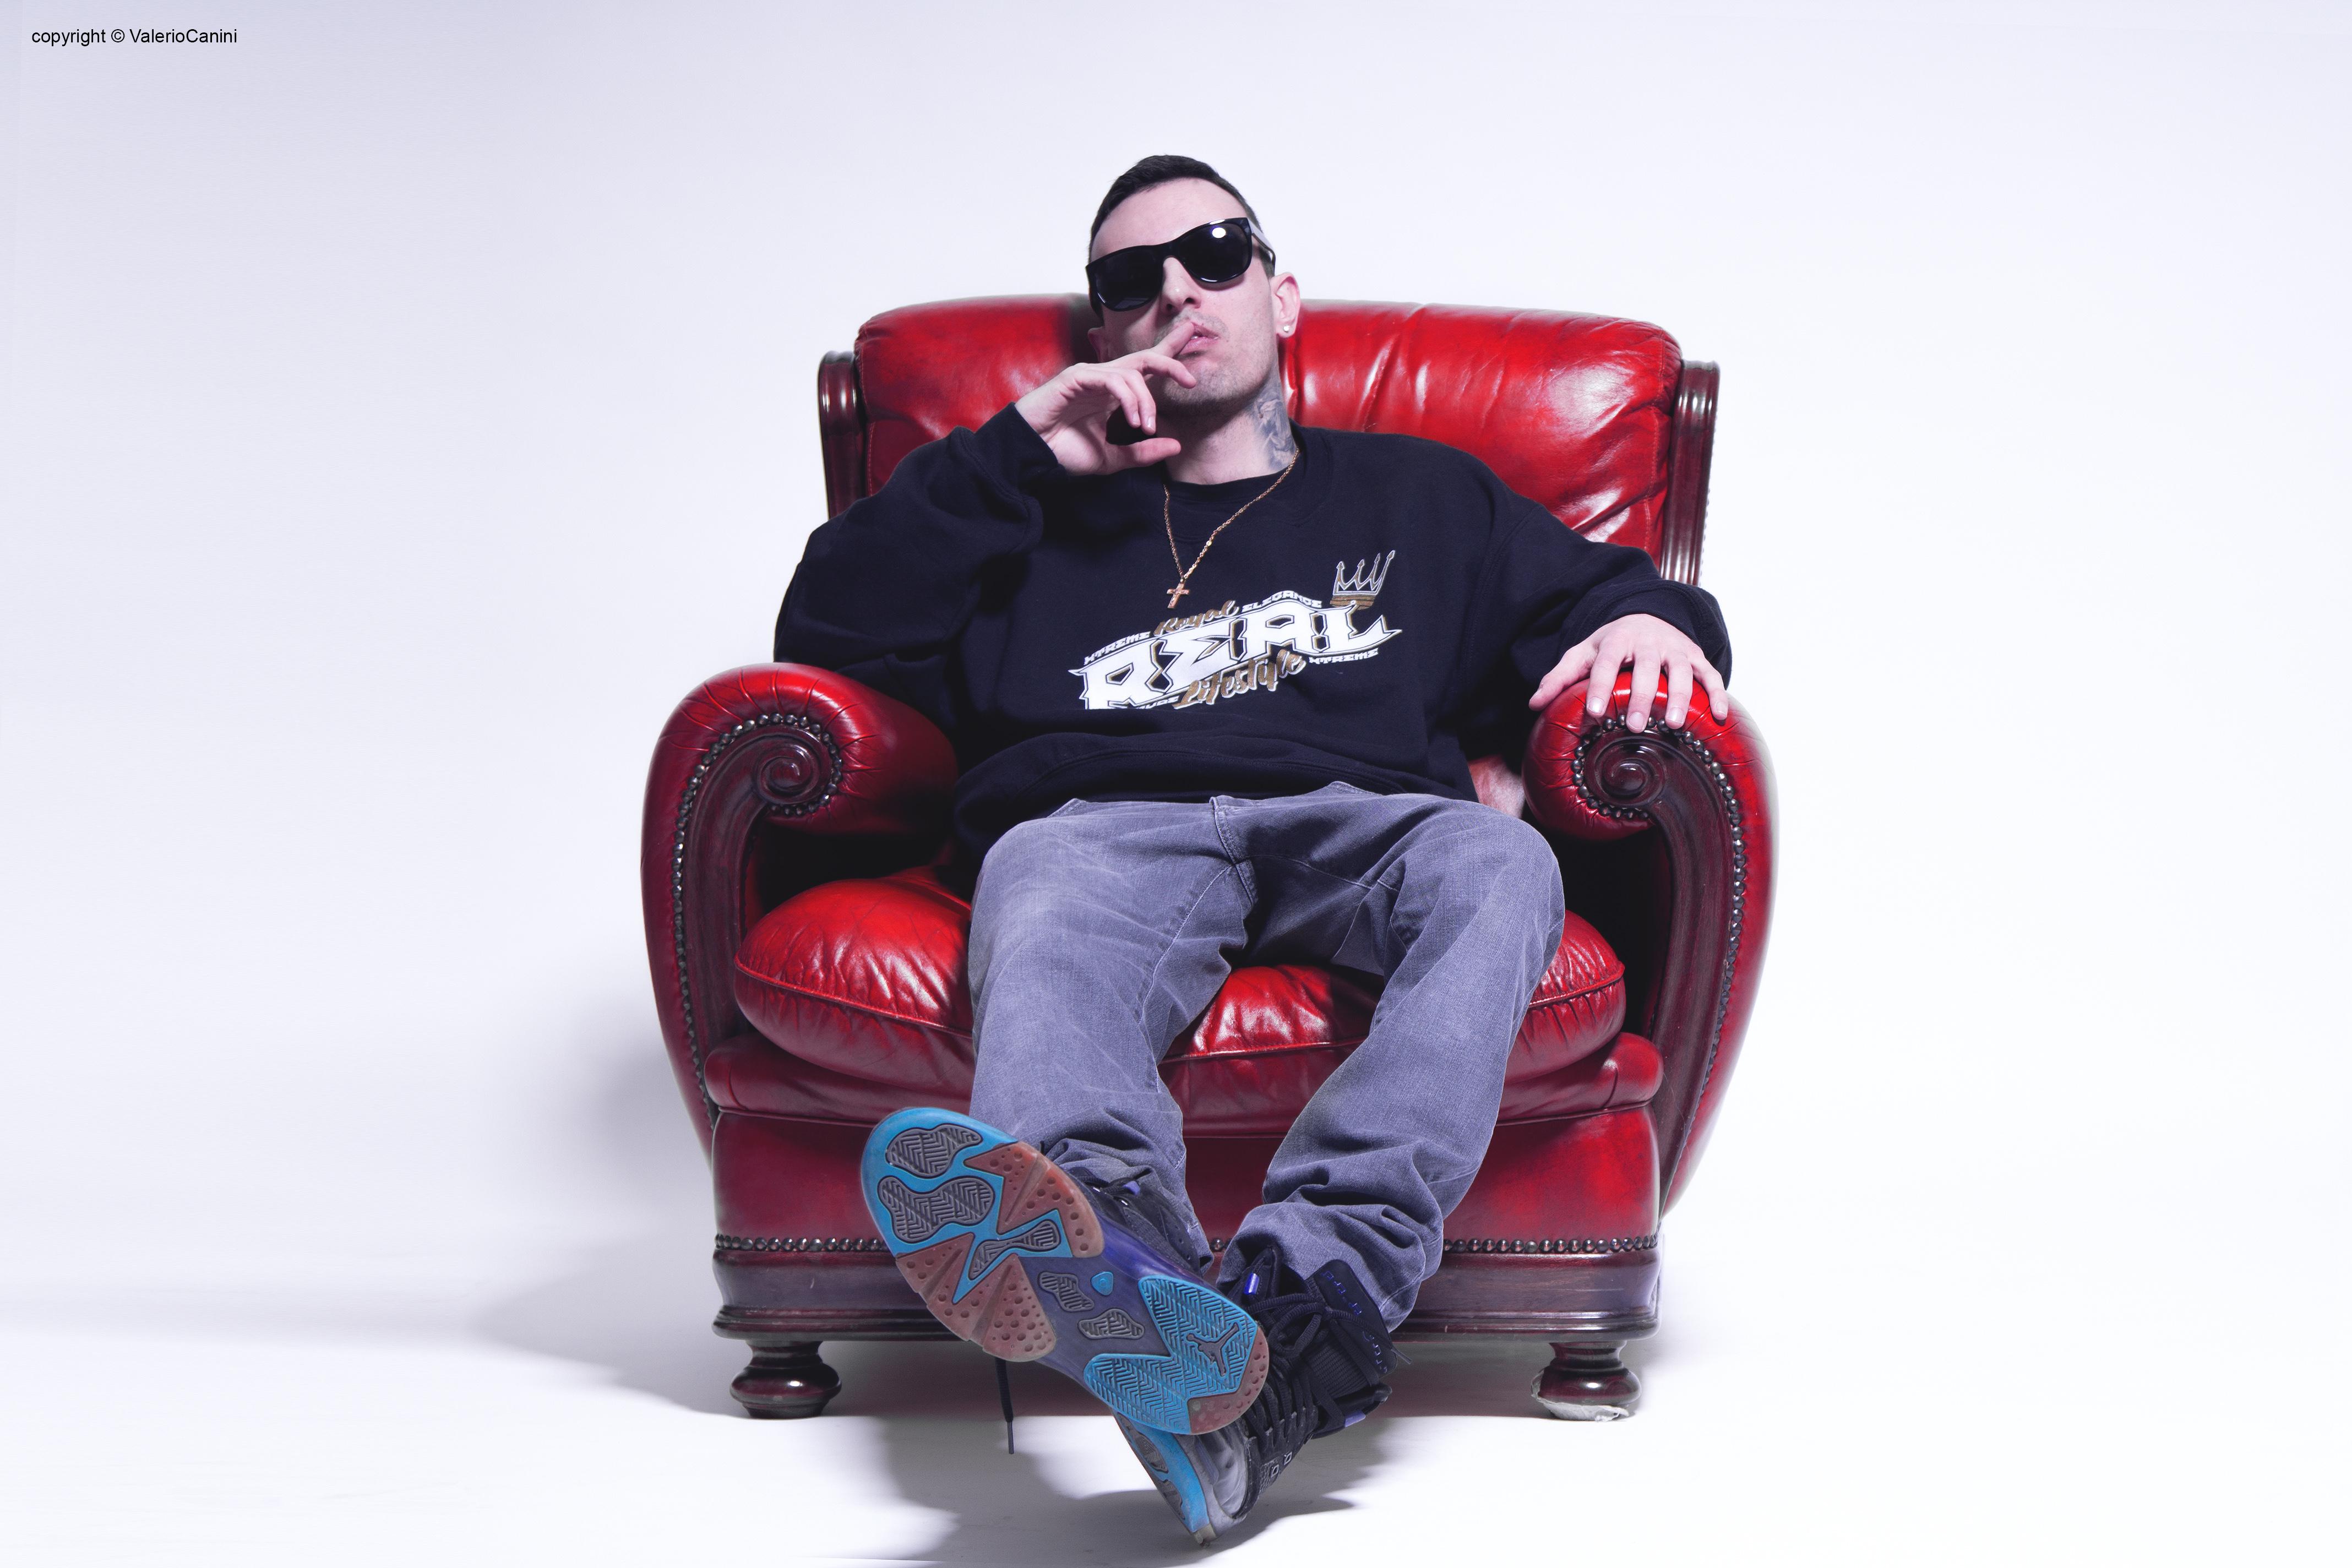 Dopo aver collaborato con molti artisti del panorama rap italiano (Fedez, J Ax, Ghemon e molti altri) il 20 aprile, in tutti i digital store e nei negozi di dischi […]